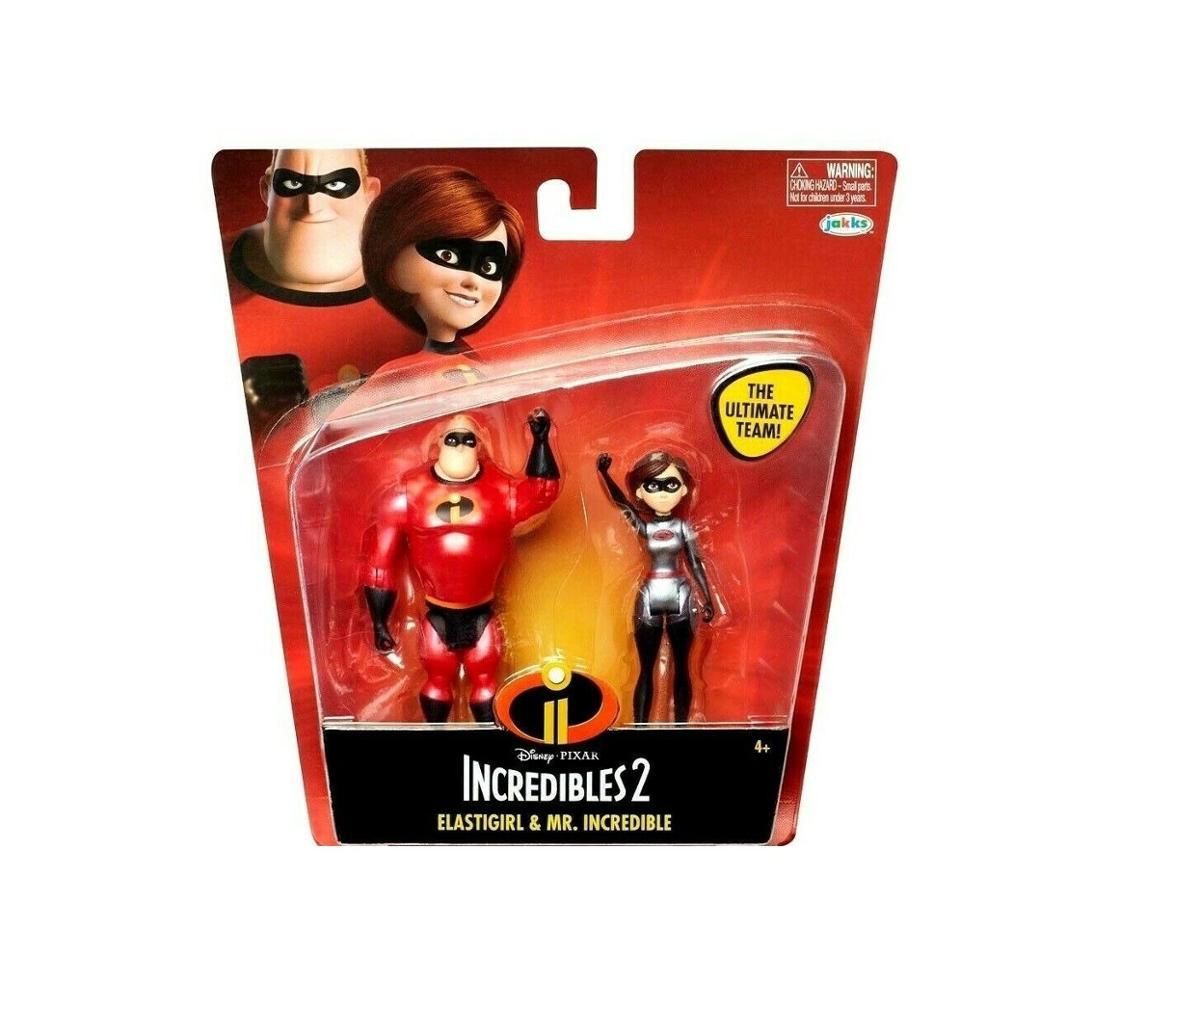 Incredibles 2 Elastigirl and Mr. Incredible